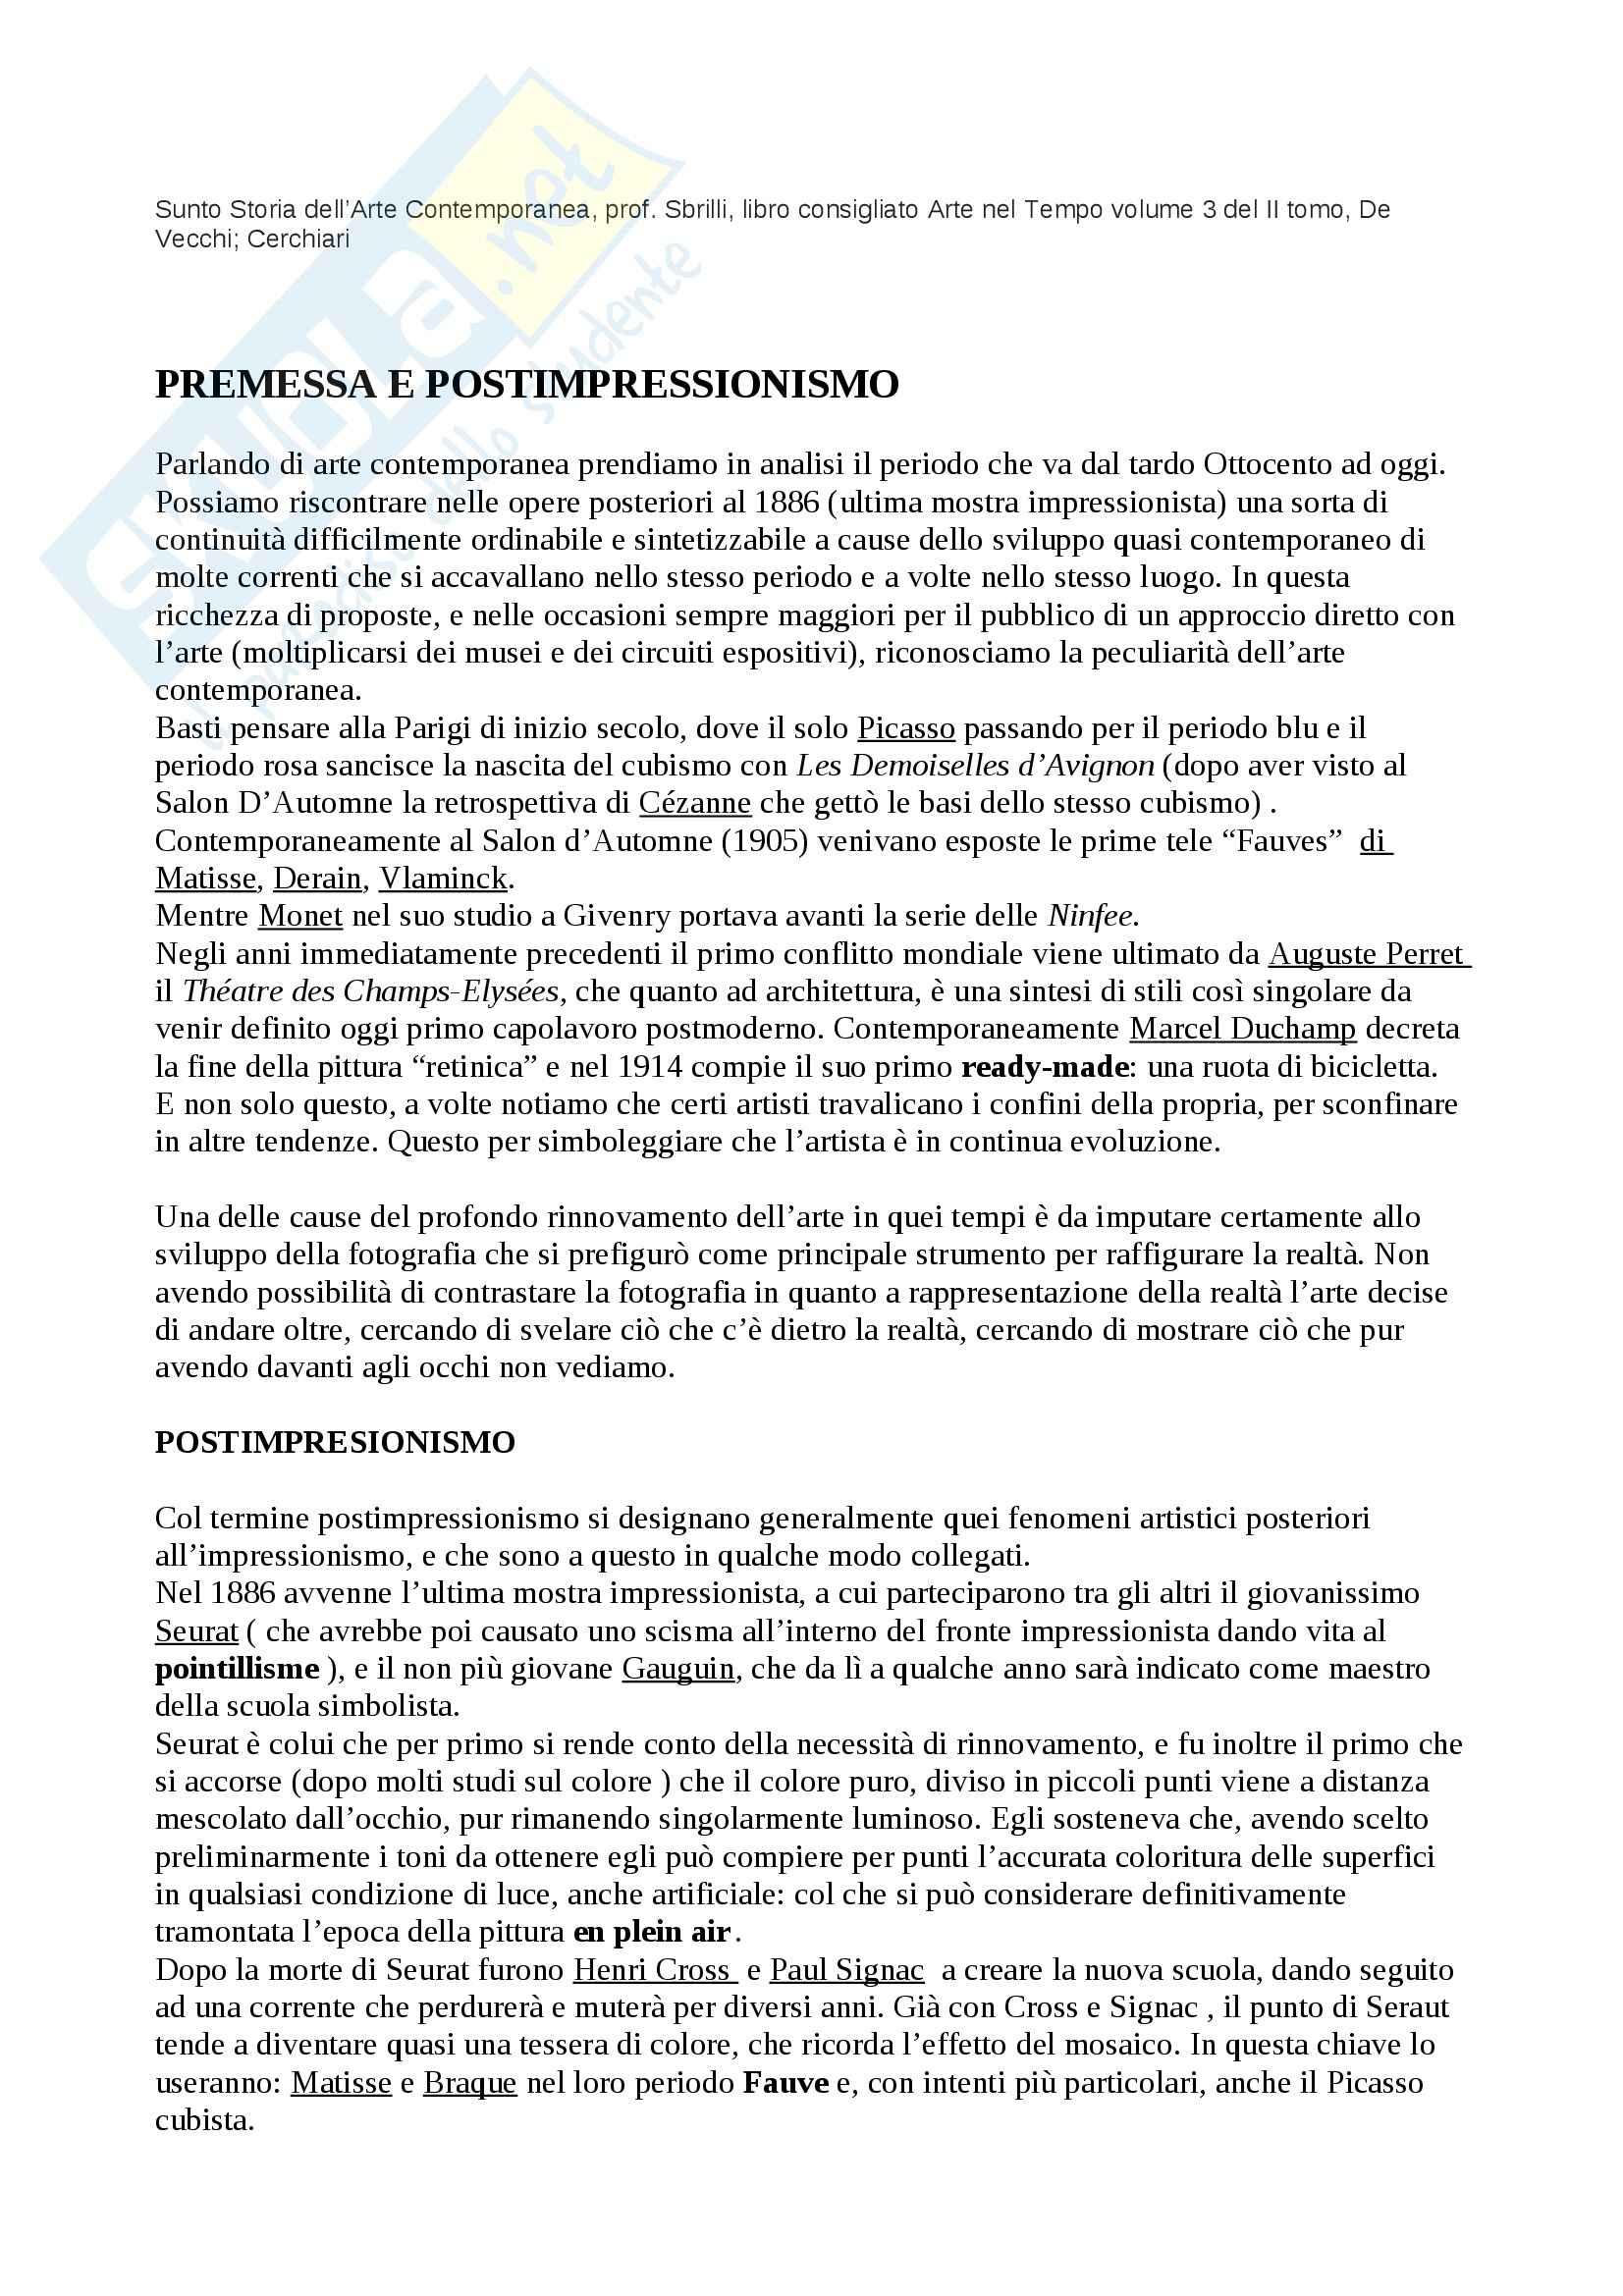 Riassunto esame Arte Contemporanea, prof. Sbrilli, libro consigliato Arte nel Tempo volume 3, II tomo, De Vecchi, Cerchiari